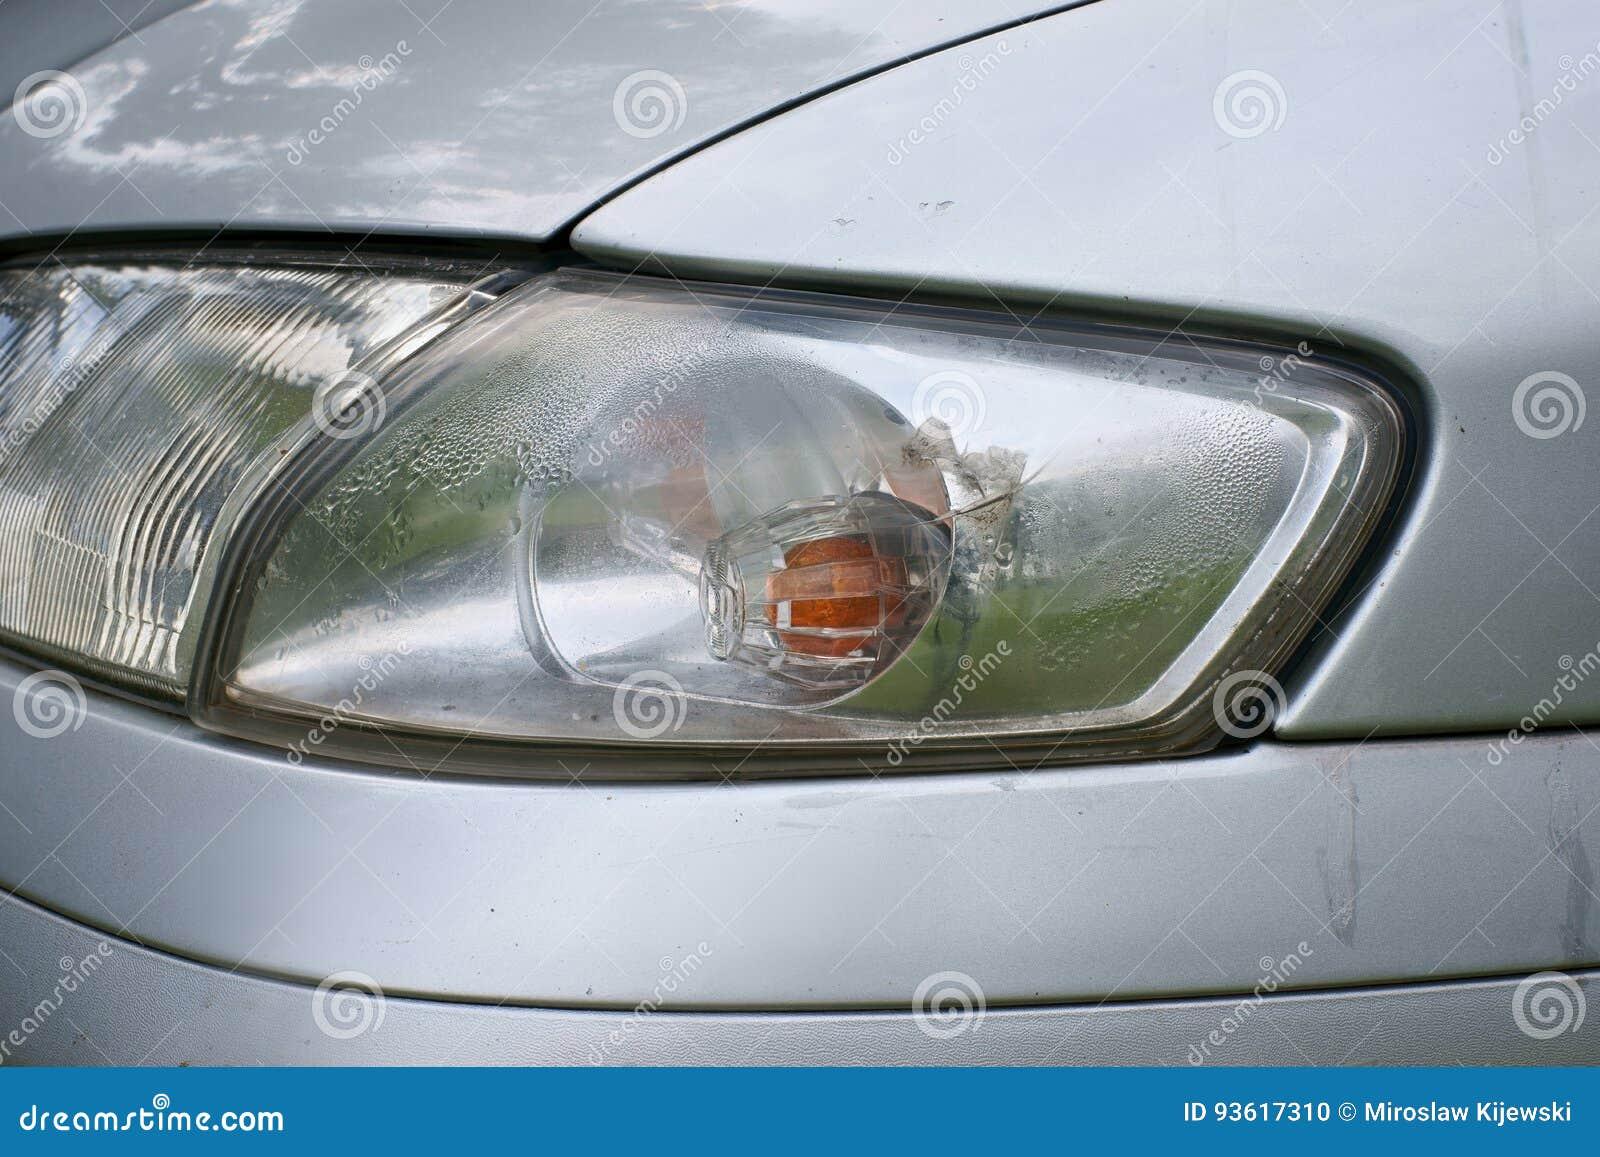 Choque de coche, el vehículo con un intermitente defectuoso